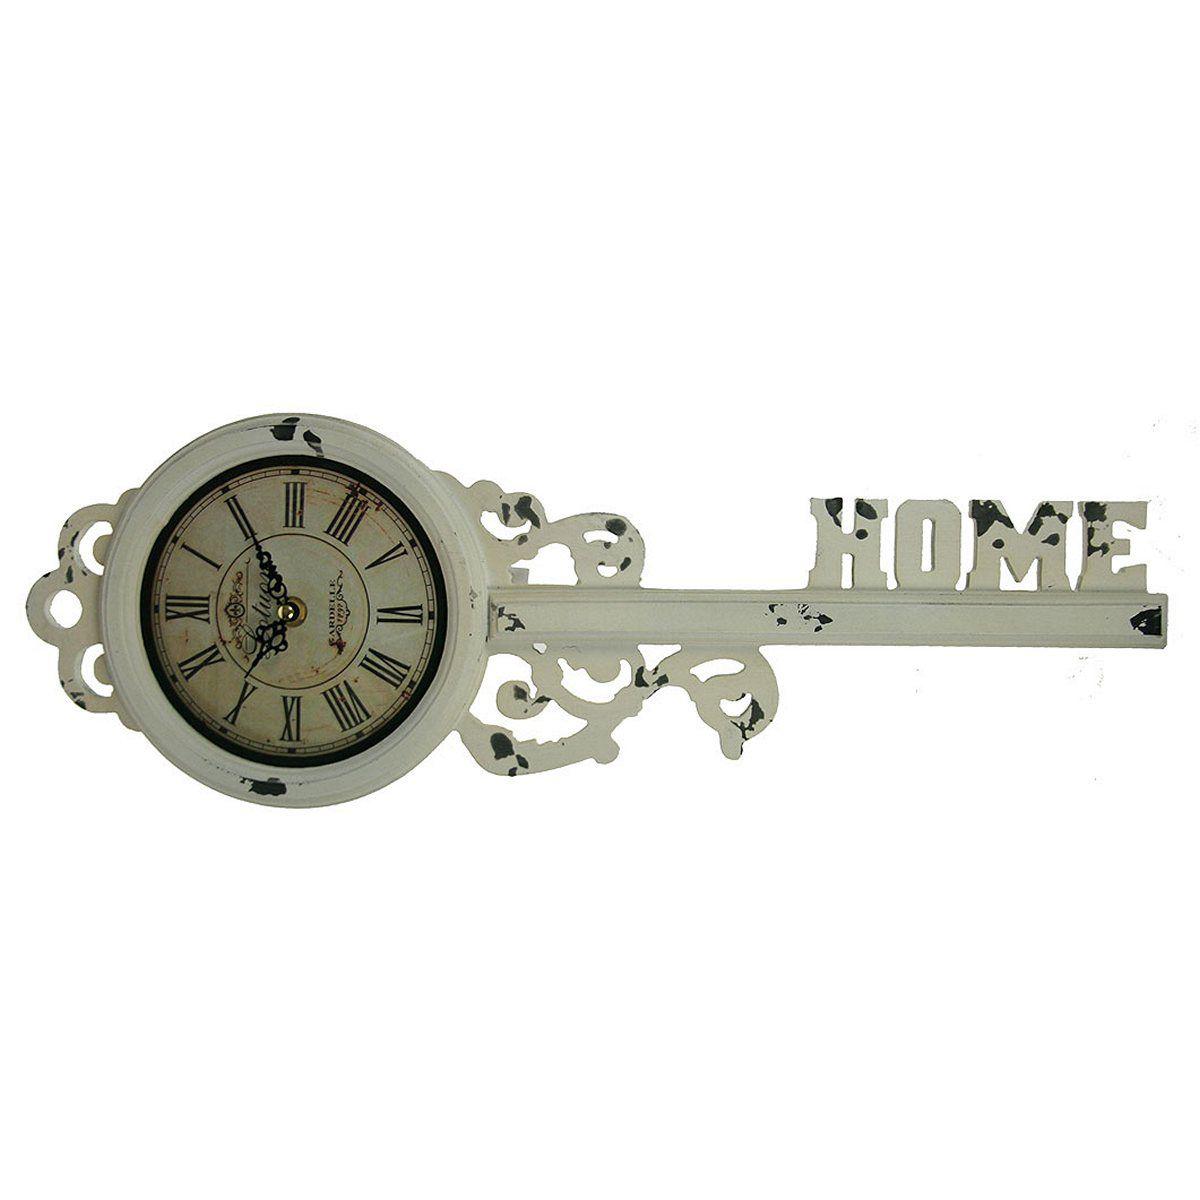 Часы настенные Русские Подарки, 18 х 52 х 5 см. 29614M9052CSilverНастенные кварцевые часы Русские Подарки изготовлены из МДФ. Корпус выполнен в виде старинного ключа и имеет надпись Home. Часы имеют две стрелки - часовую и минутную. С обратной стороны имеется петелька для подвешивания на стену.Изящные часы красиво и оригинально оформят интерьер дома или офиса.